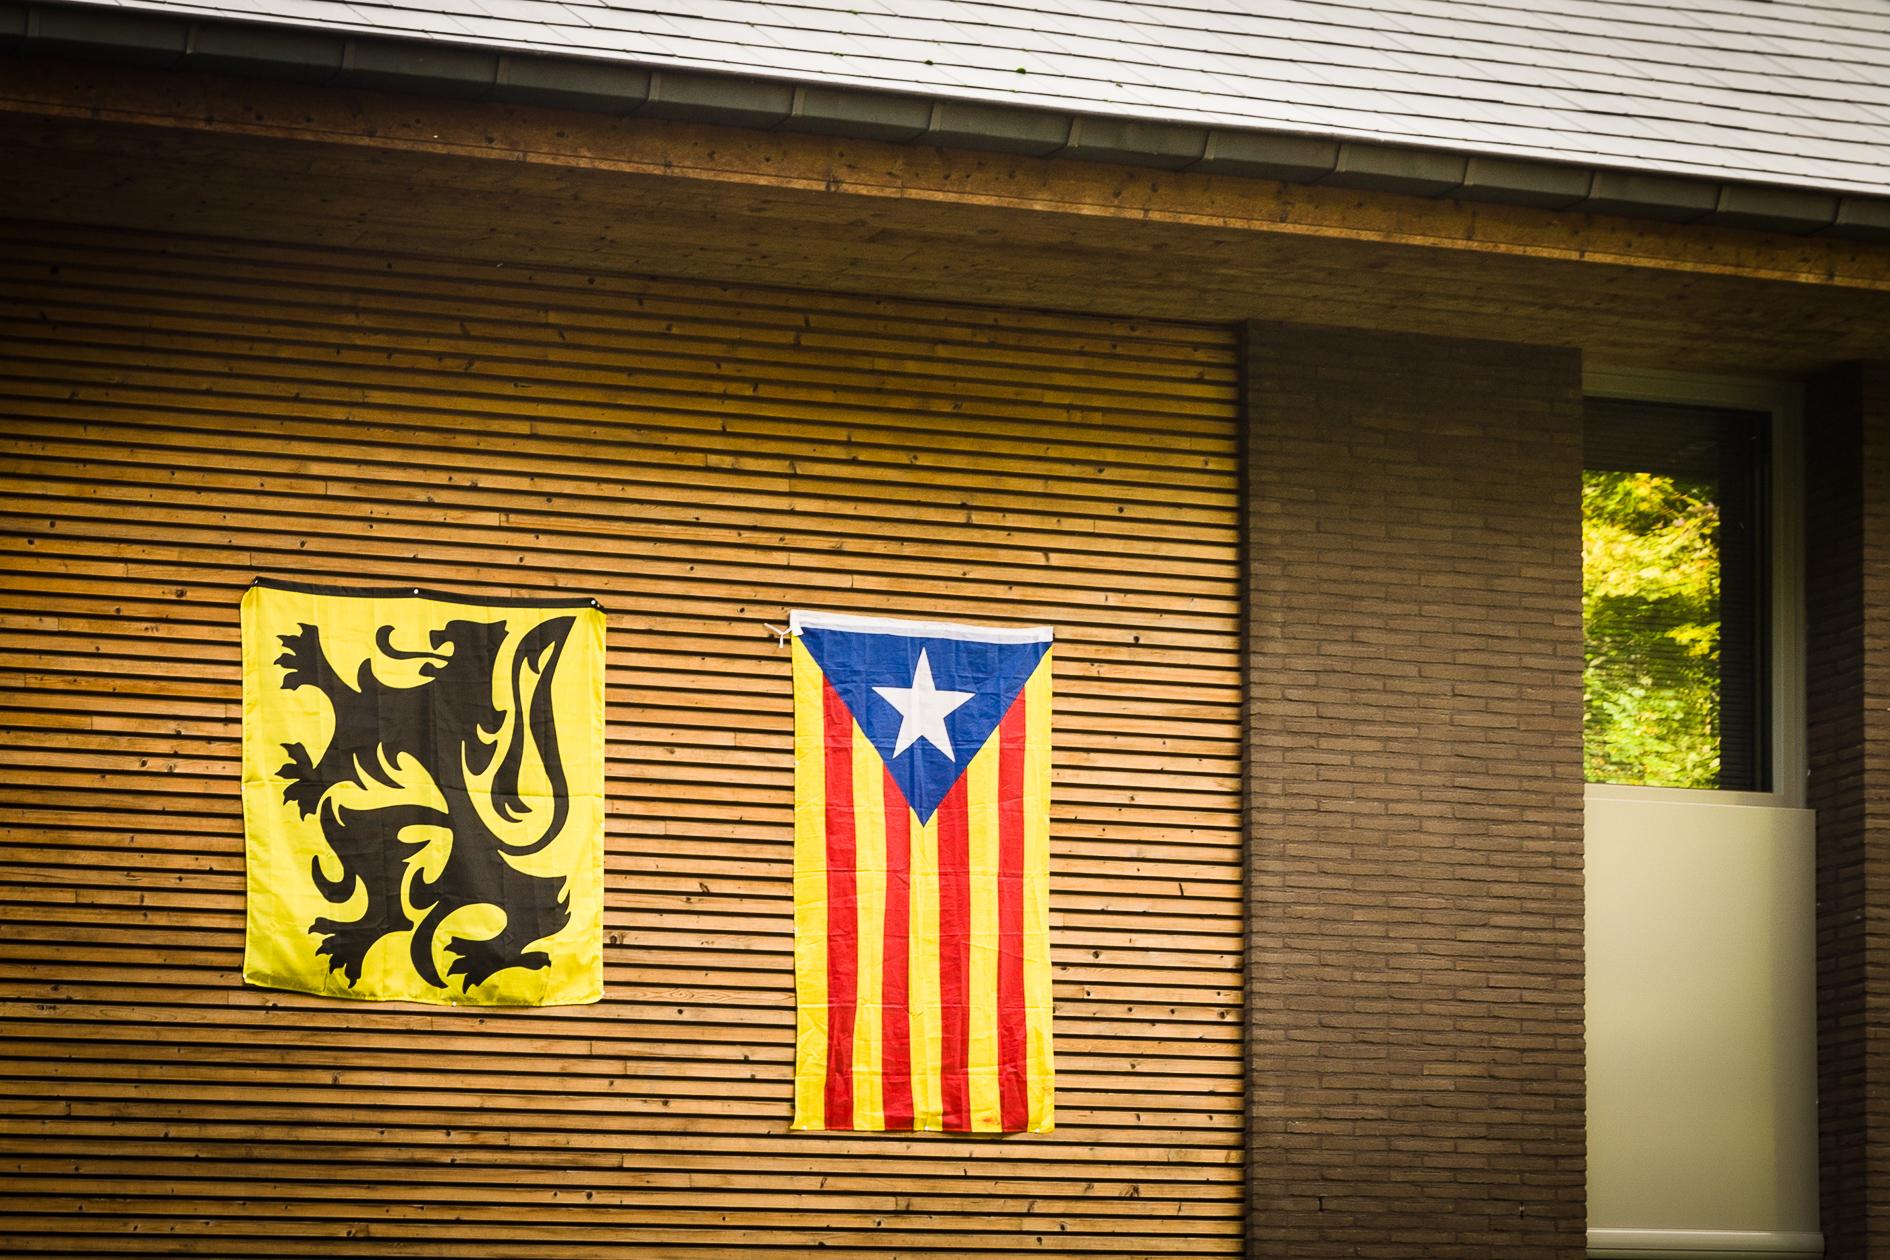 Onafhankelijkheidsstrijd Catalonië